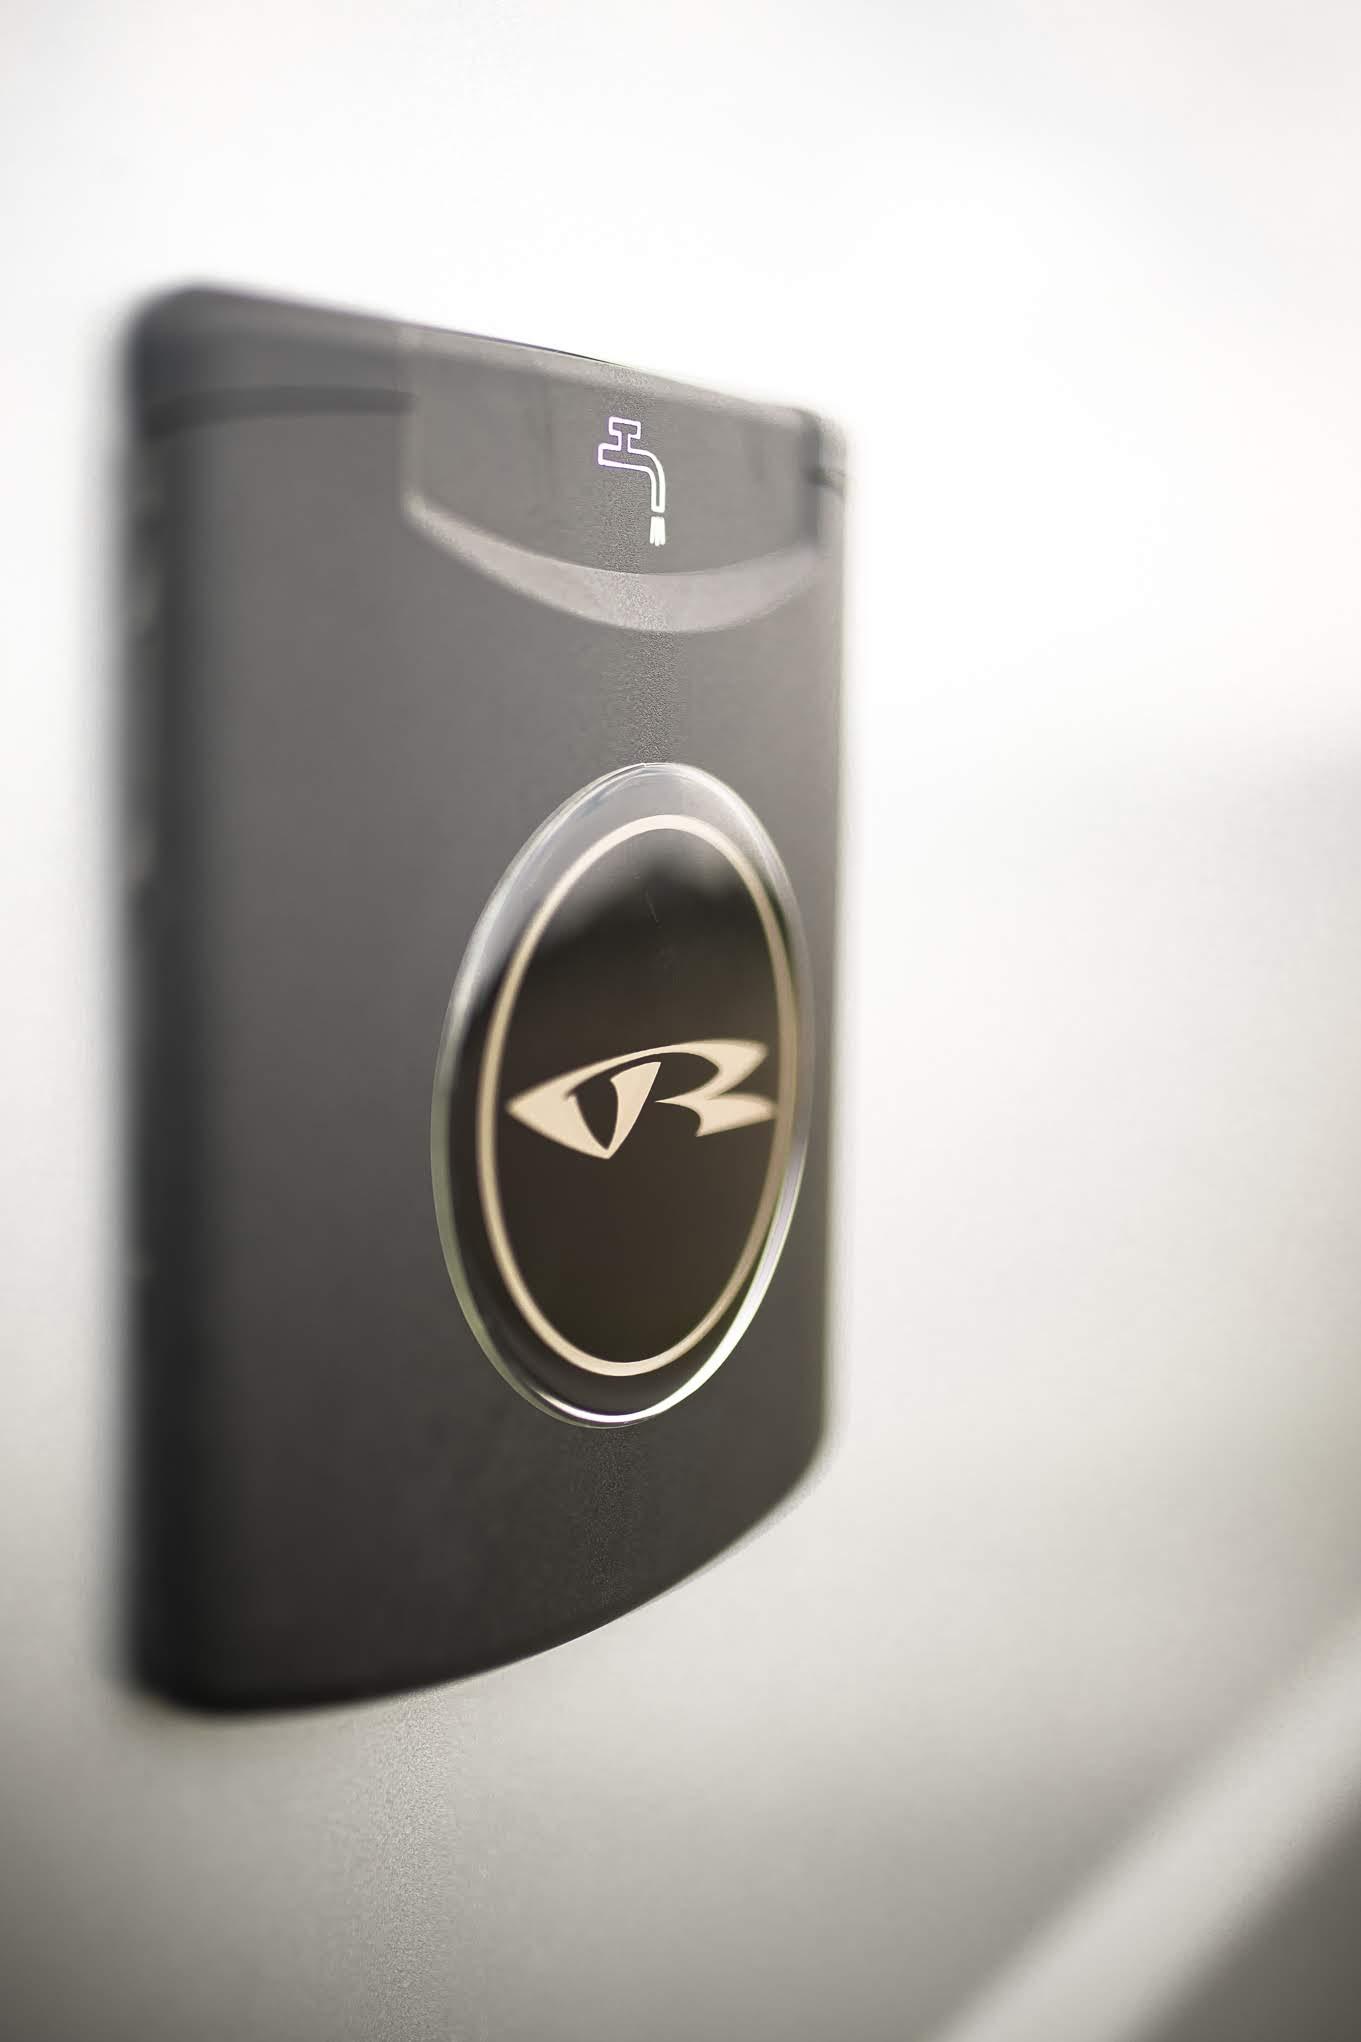 L4H3 L3H3 L2H2 VR Jumper Ducato LED Nebelscheinwerfer Werkstattfahrzeug Sonderkfz Mehrzweckfahrzeug Bürofahrzeug von VR motorhomes